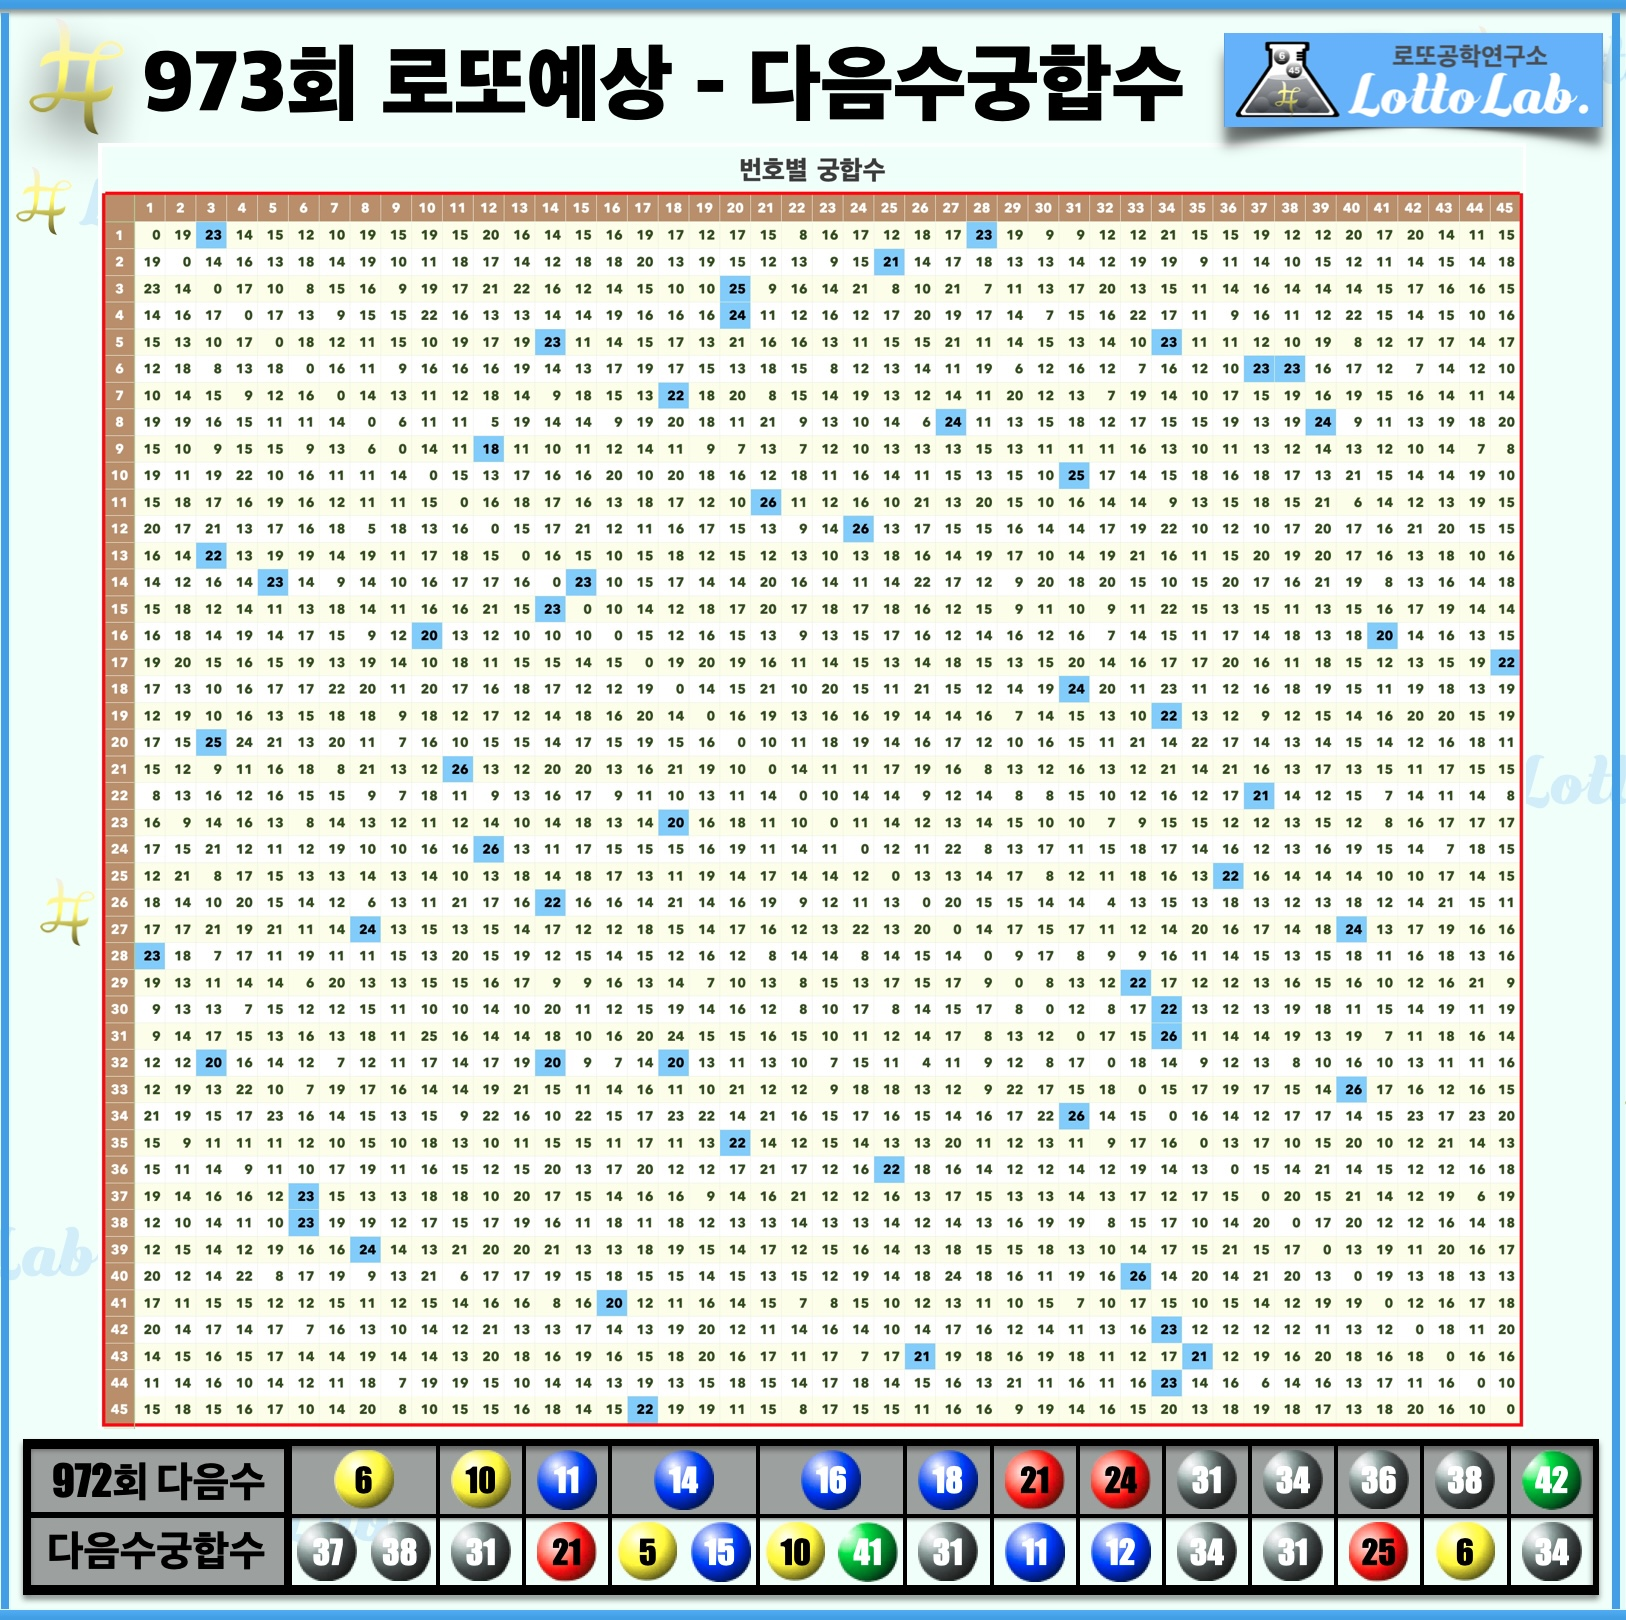 로또랩 로또973 당첨 번호 예상 다음수궁합수